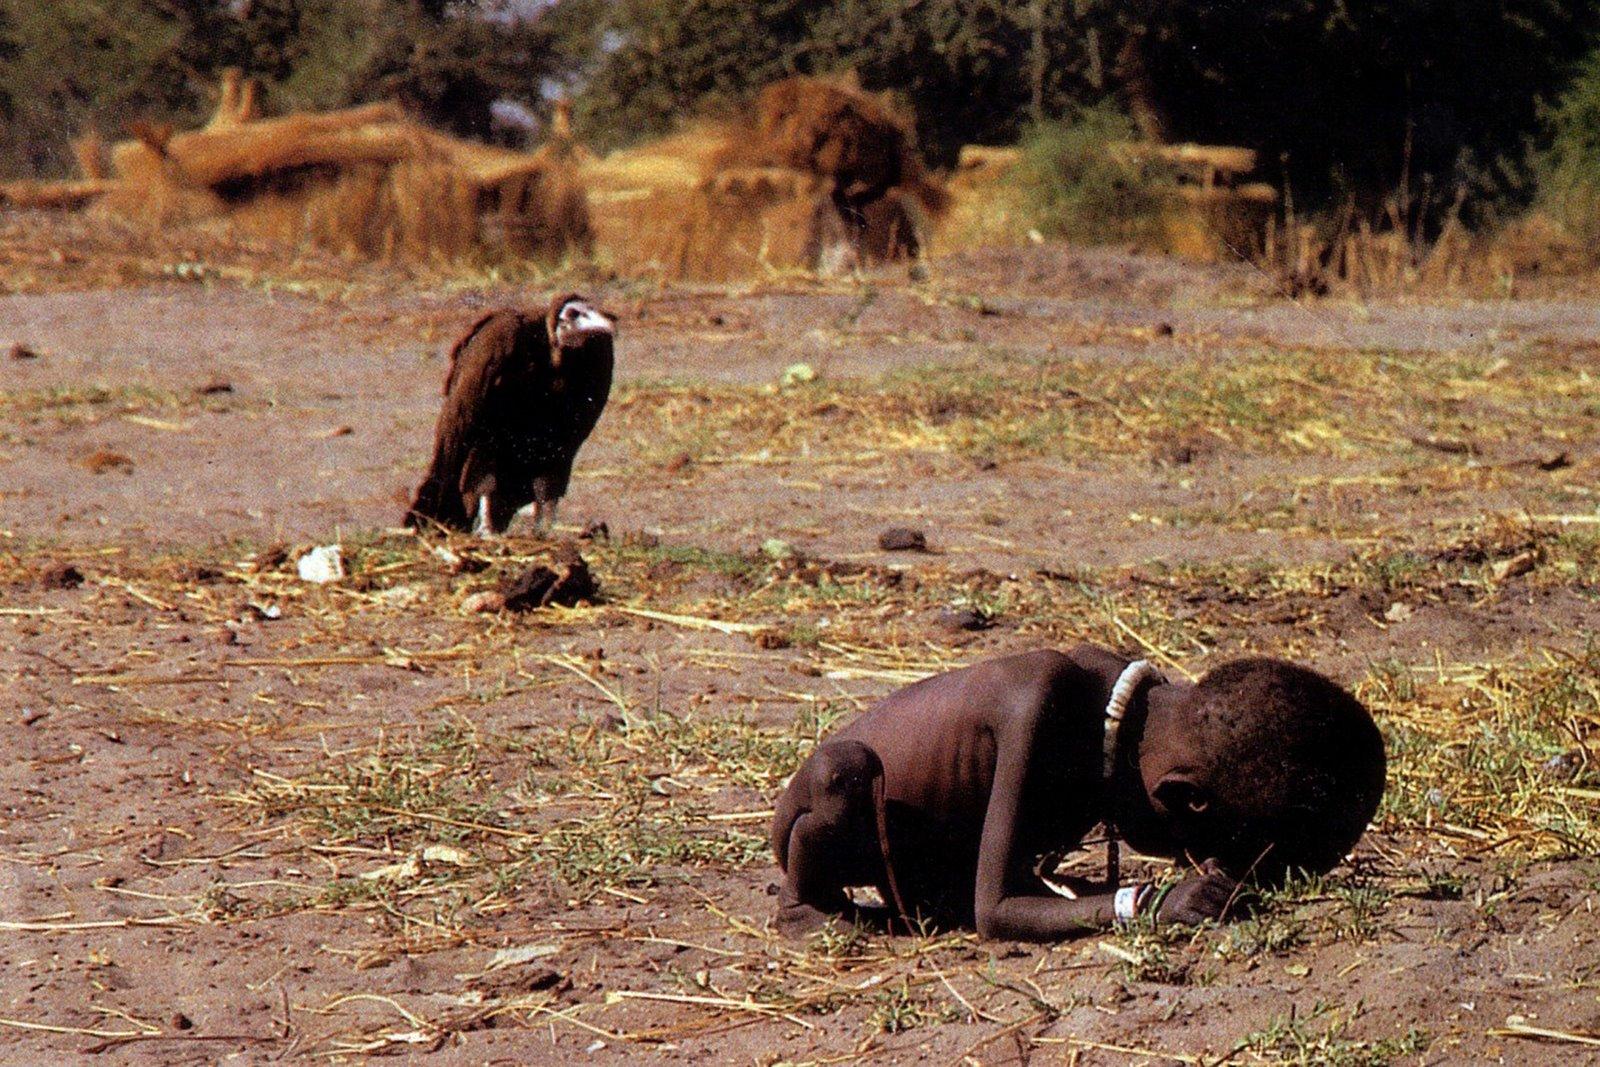 Kevin Carter - vulture capitalism